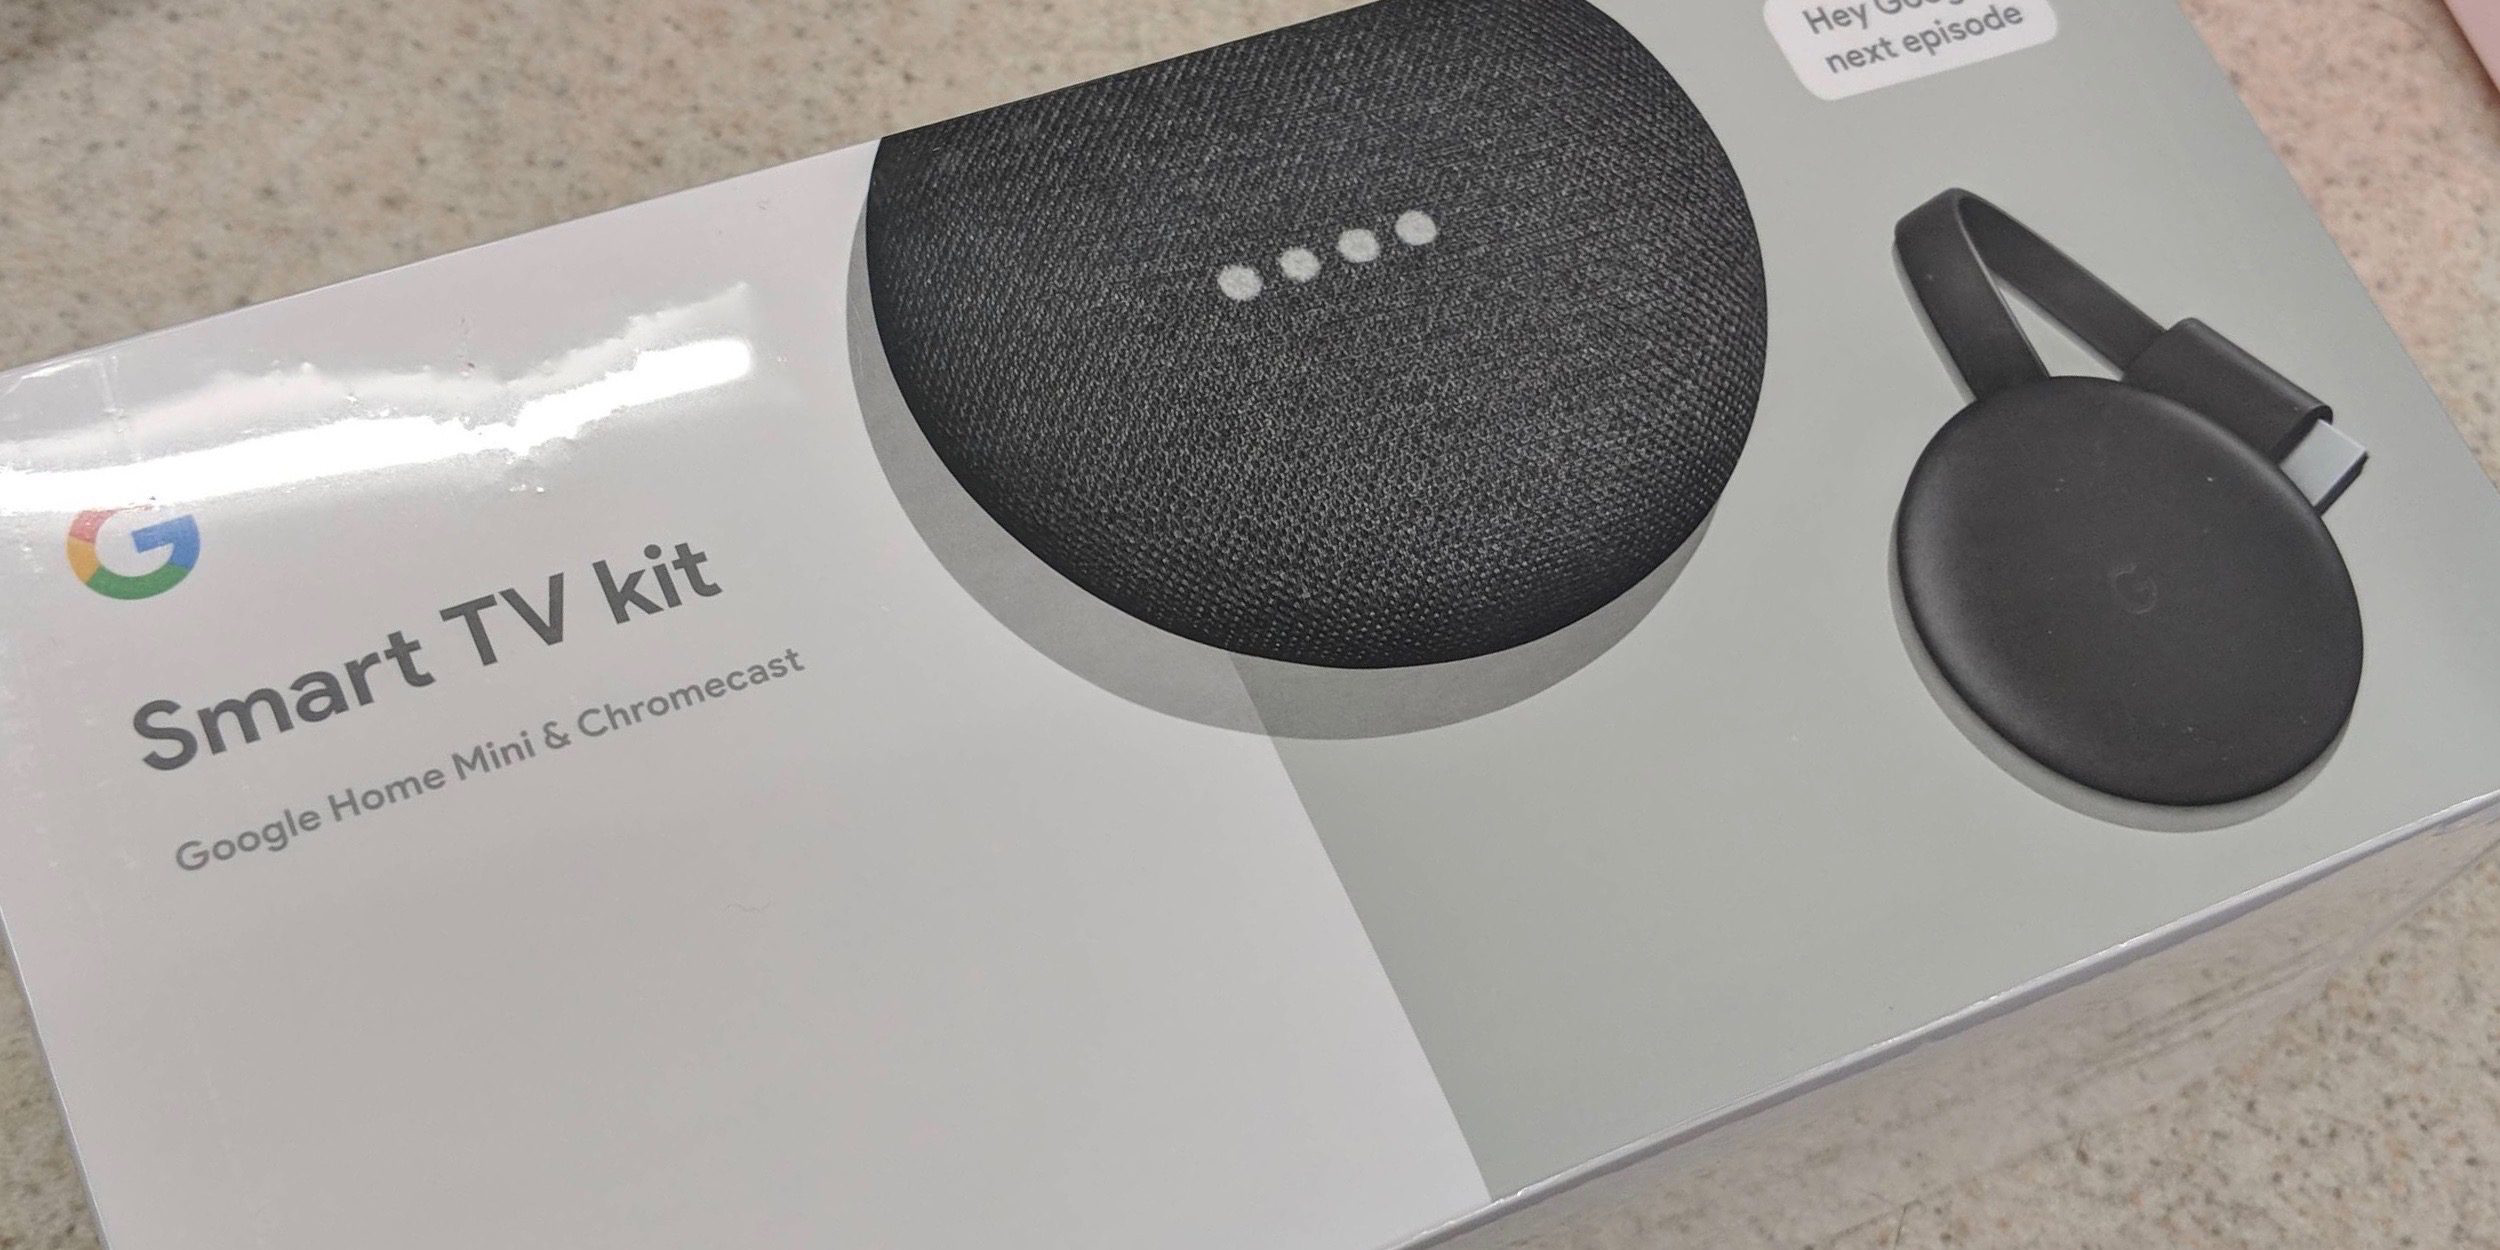 جوجل تقدم Chromecast مع مجموعة Smart TV kit هذا العام google-chromecast-le